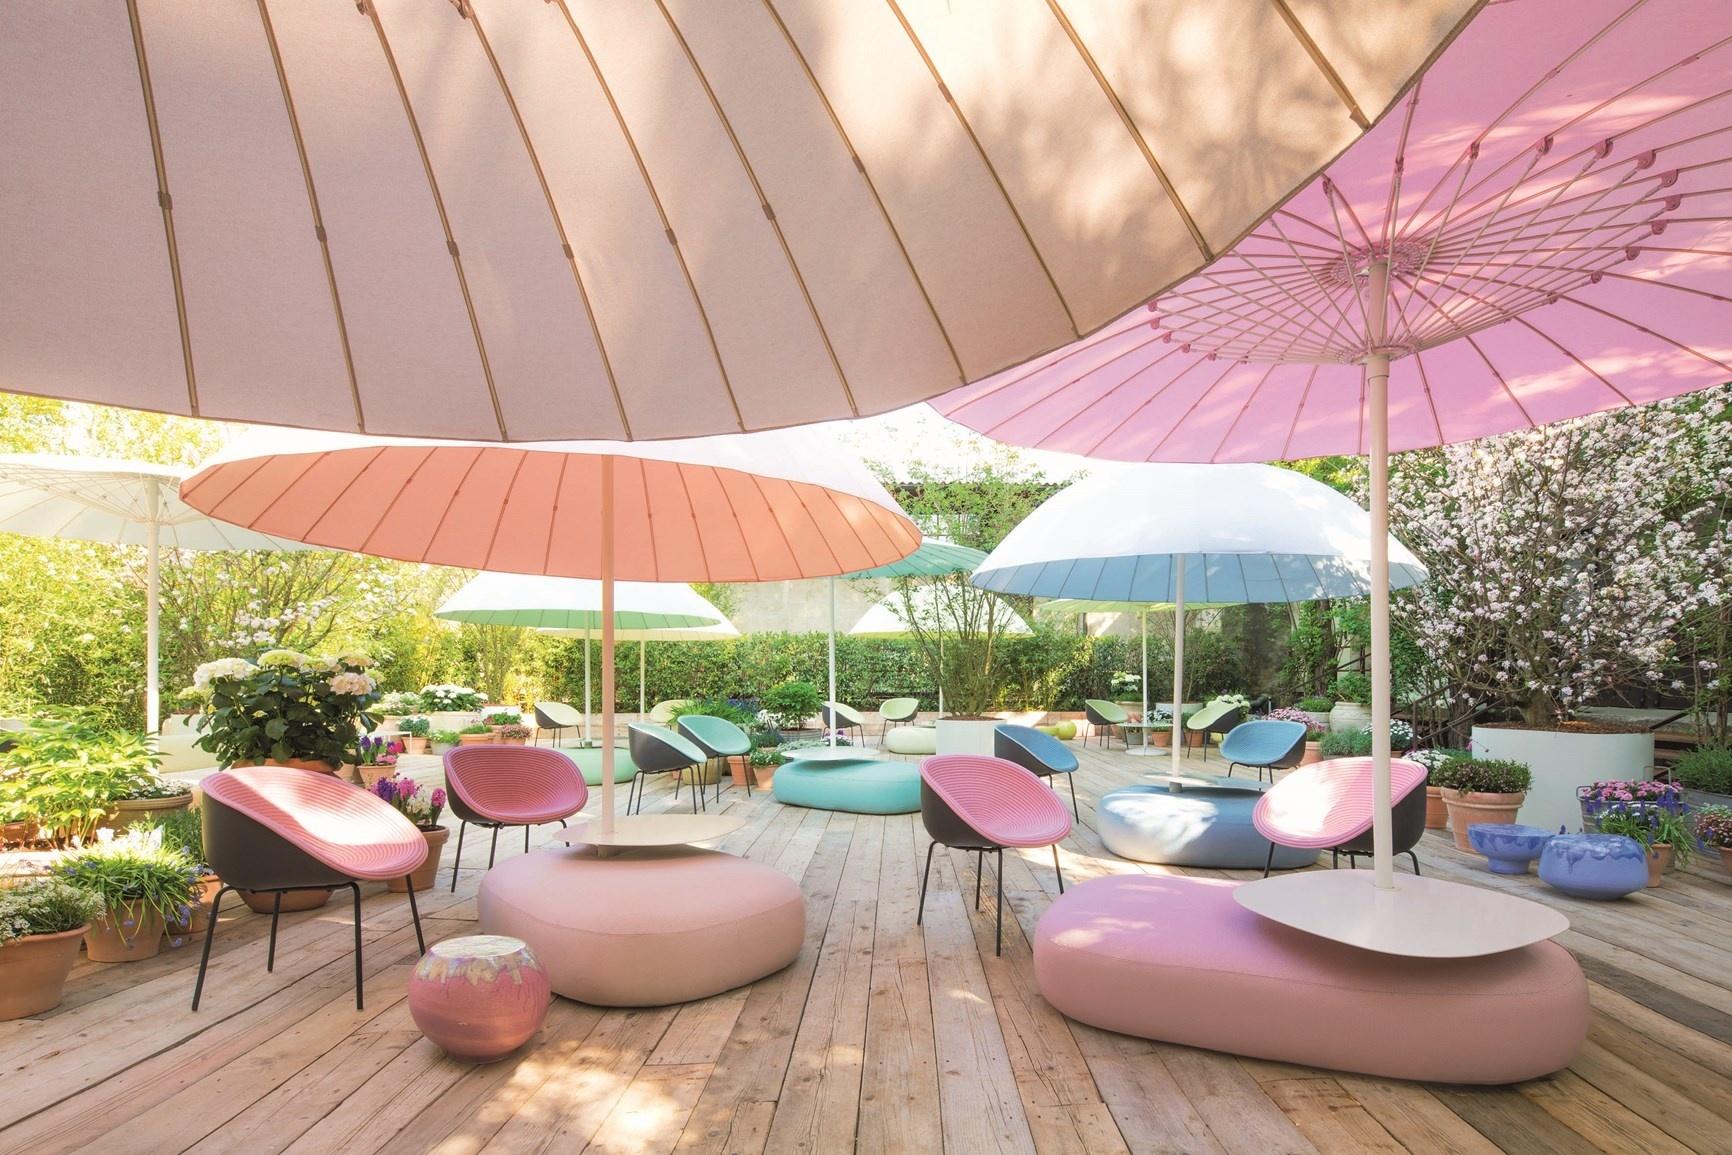 Топ 10: Модные зонты от солнца для сада и улицы (галерея 0, фото 0)